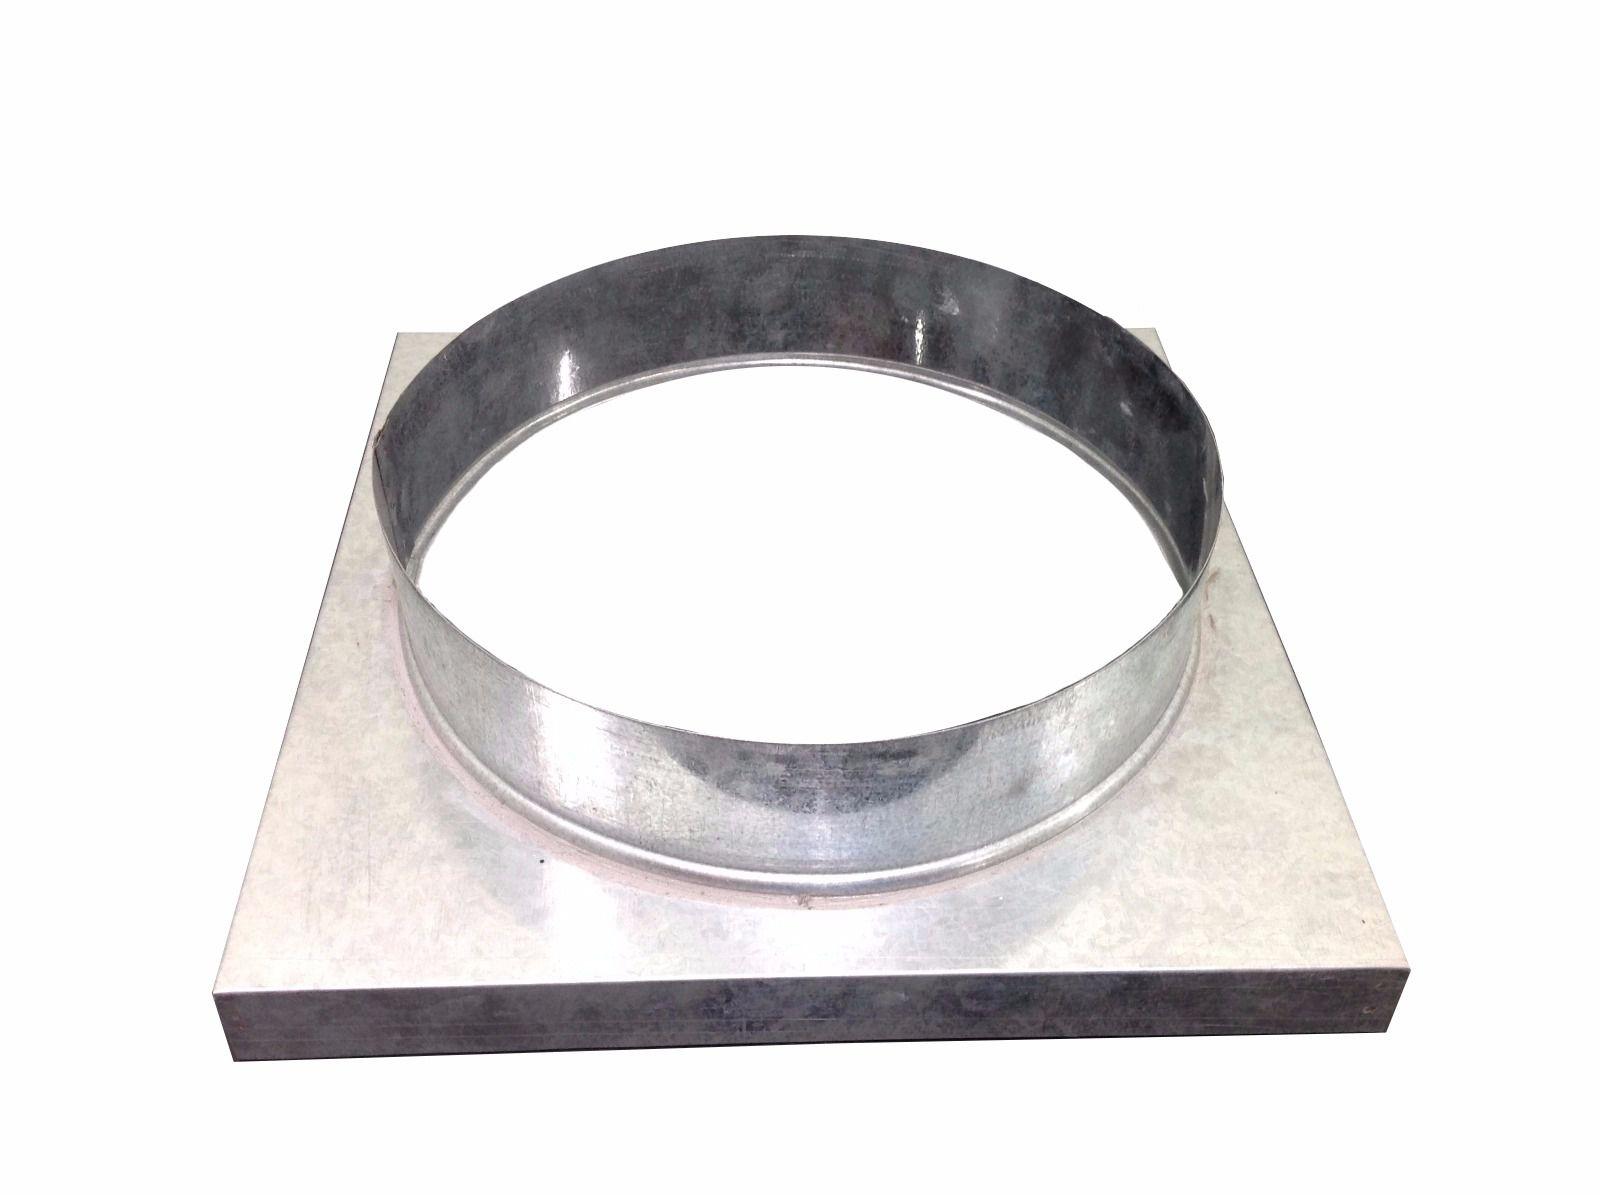 Adaptador galvanizado de quadrado 30,5 x 30,5 cm para redondo 150 mm de diâmetro  - Galvocalhas